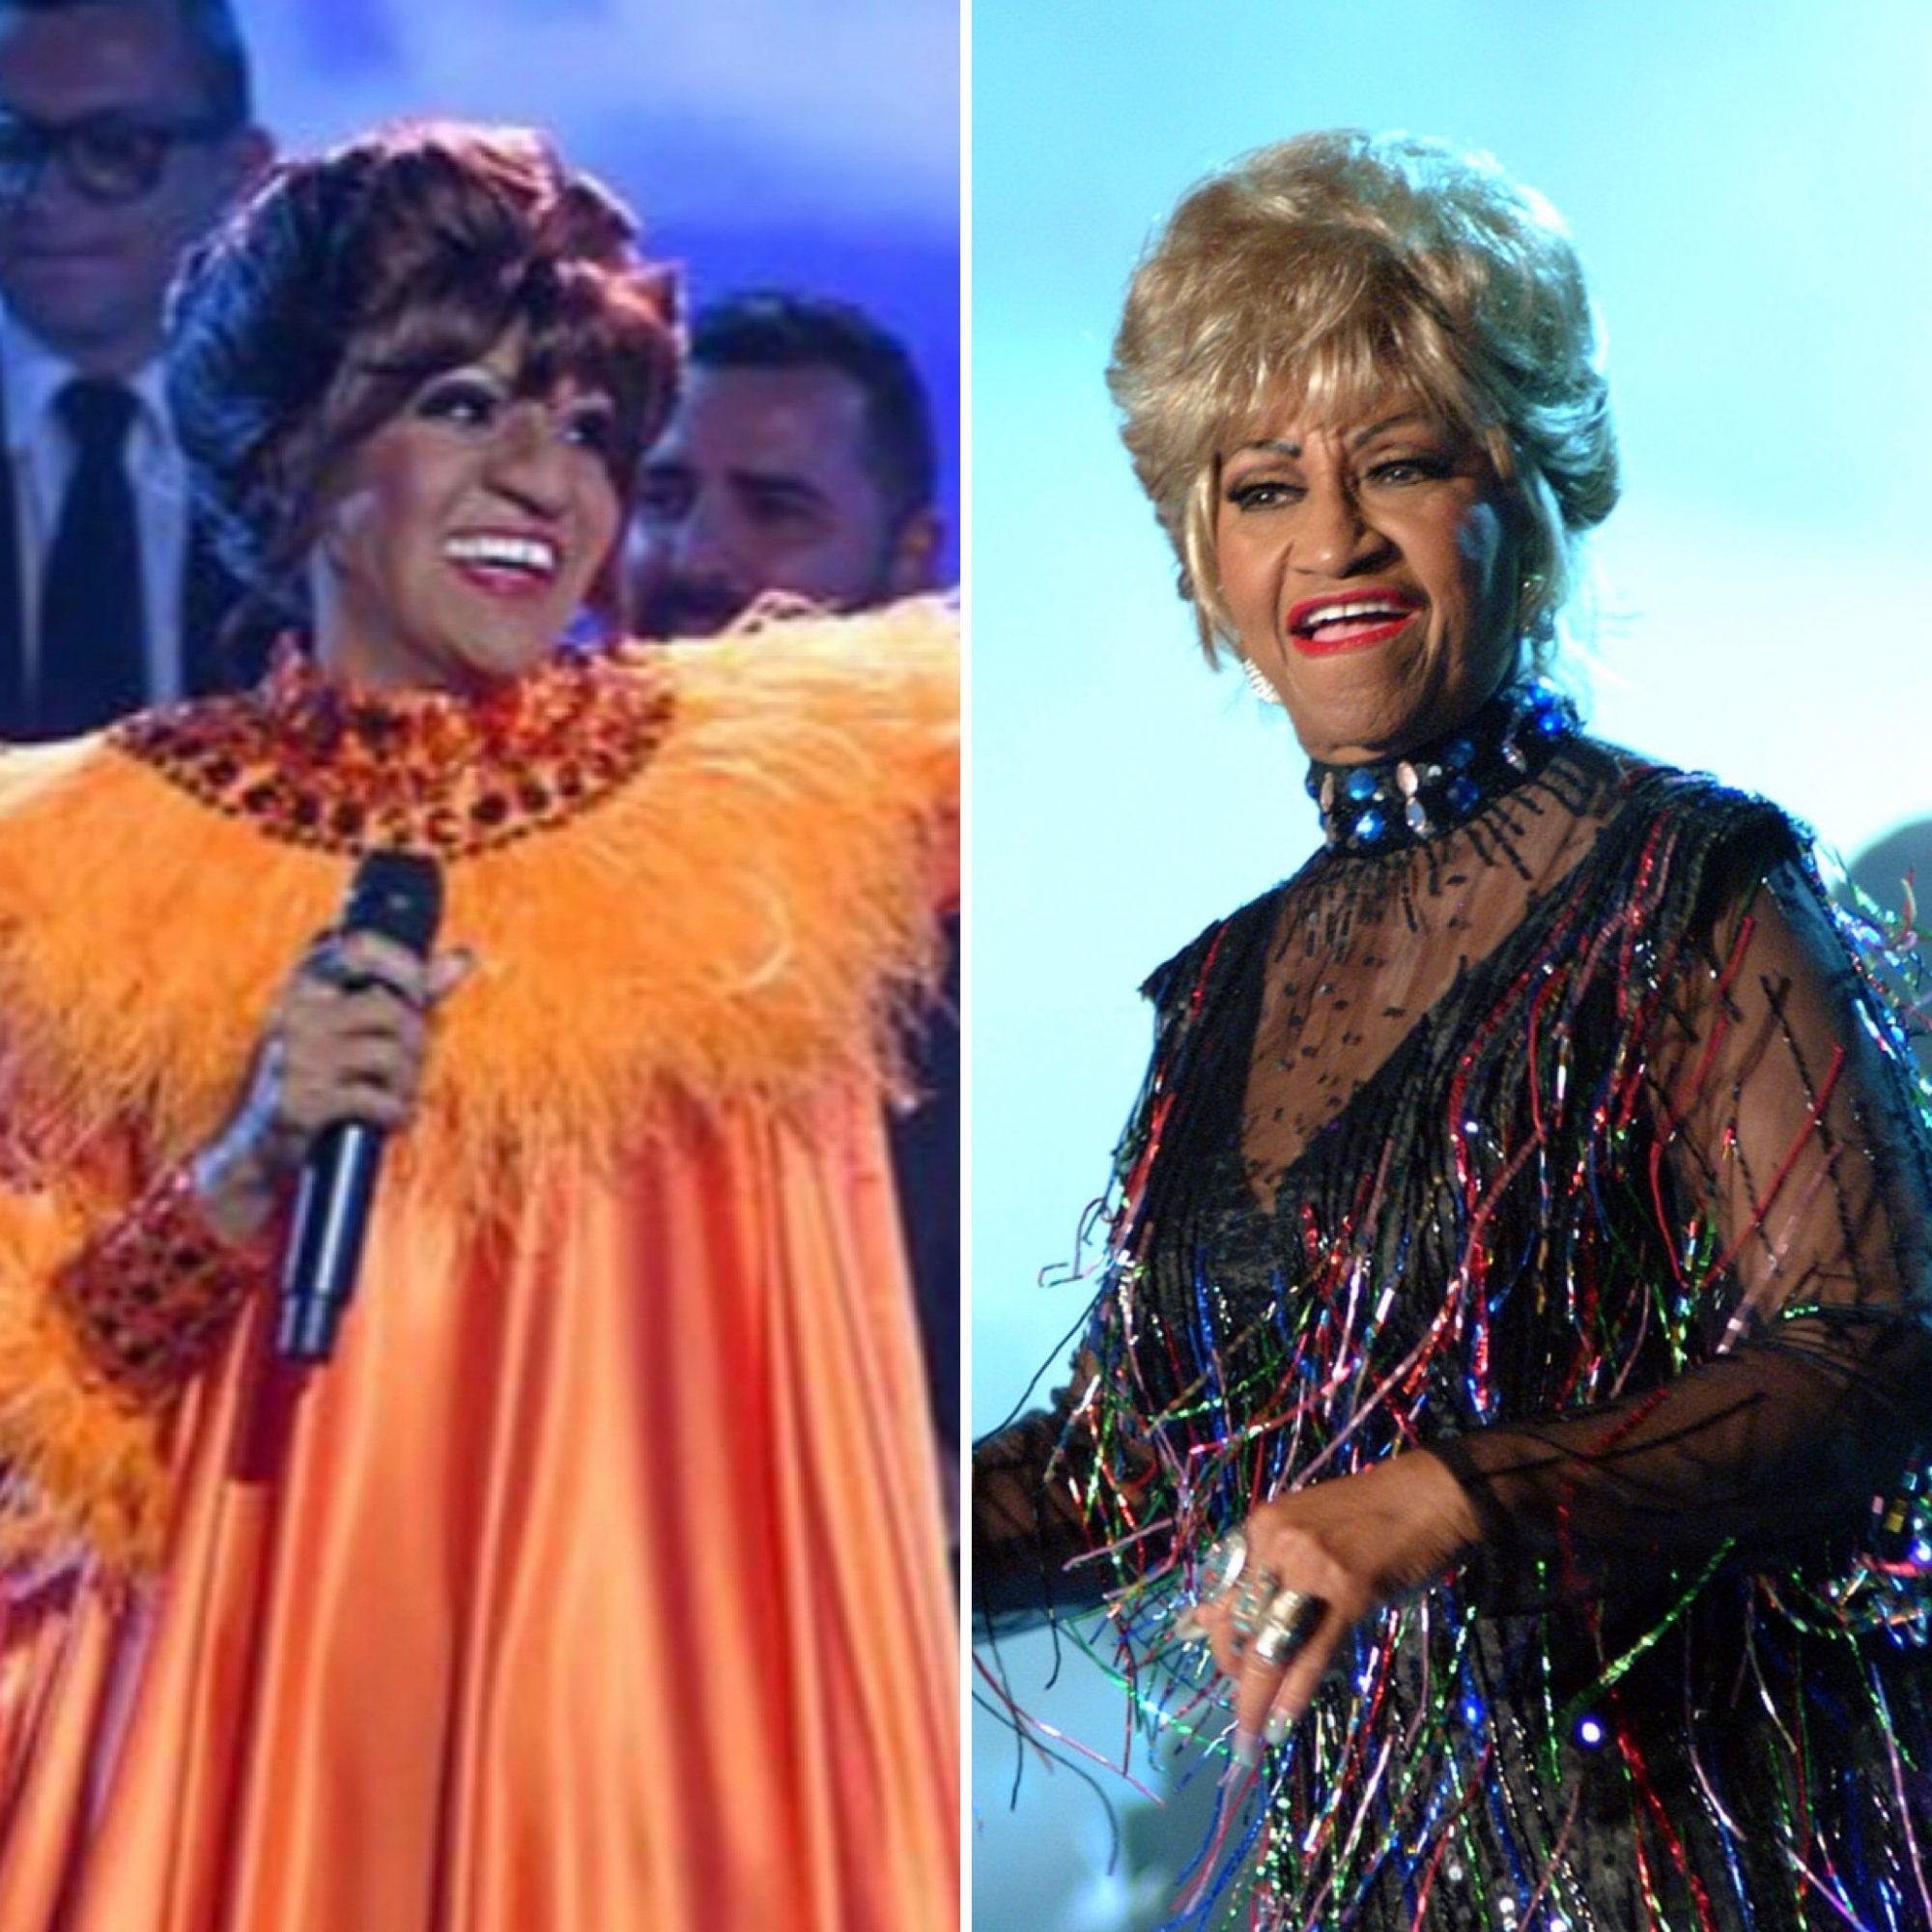 Francisca Lachapel y Celia Cruz